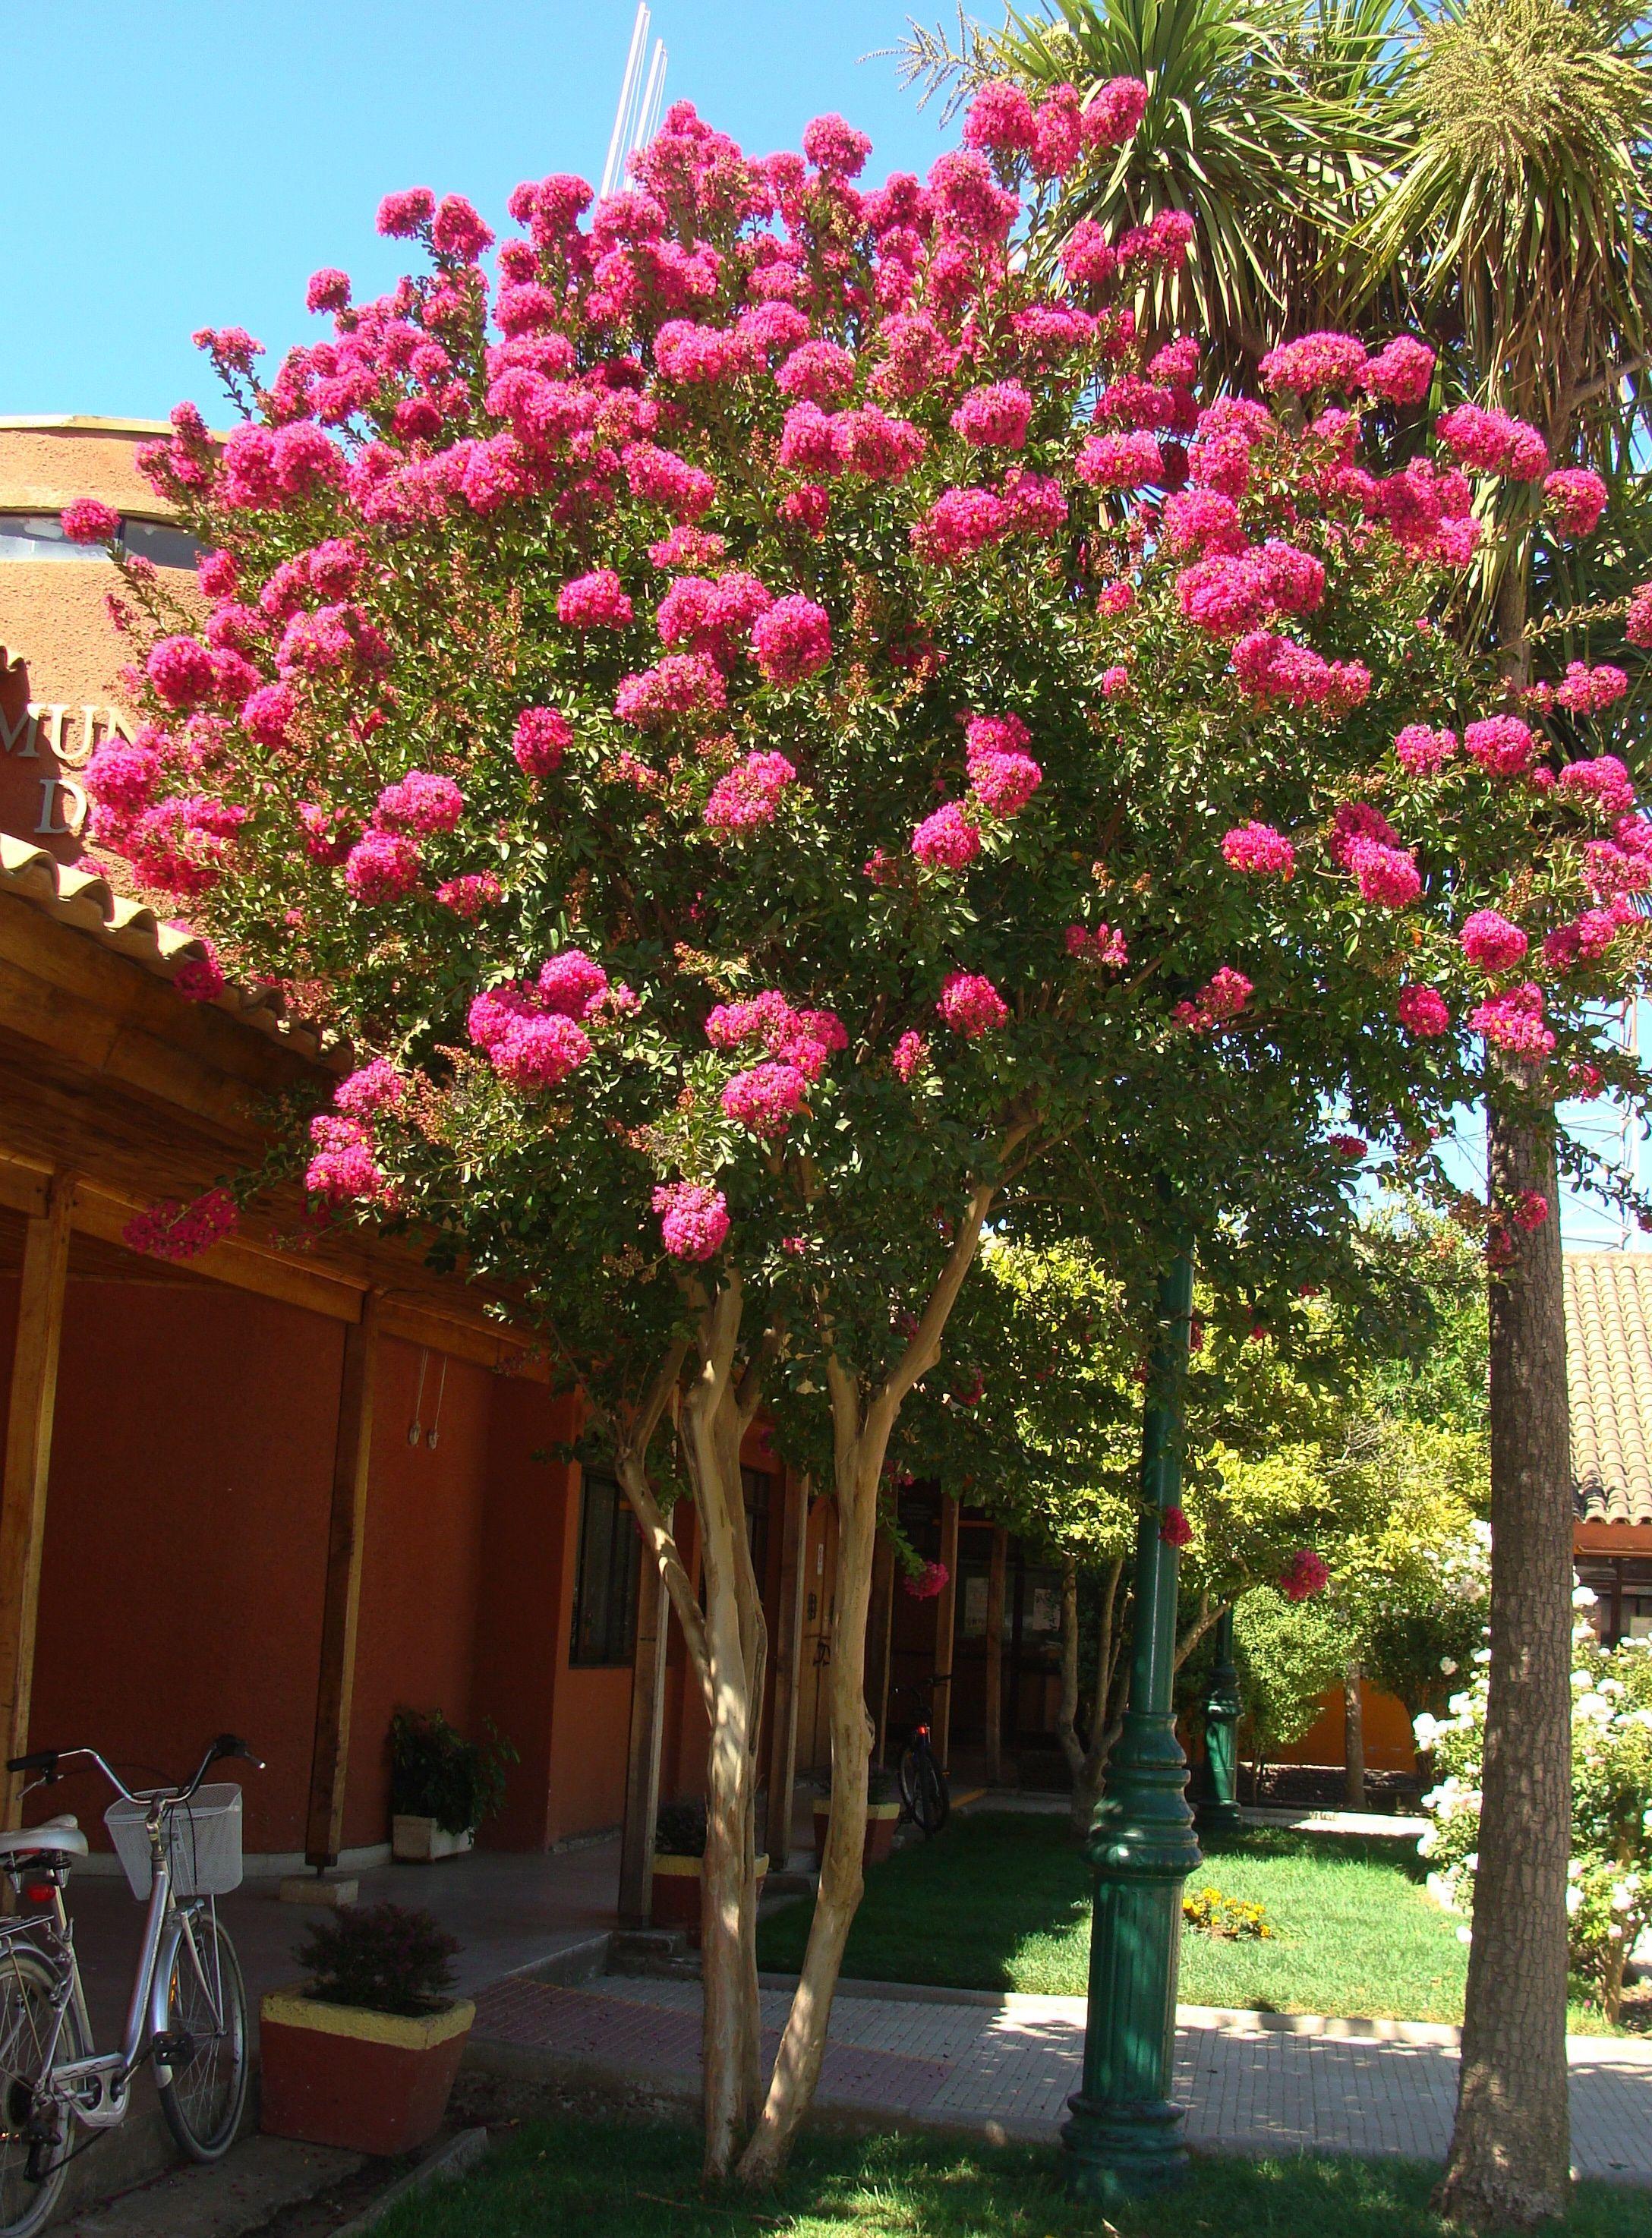 Crespon jardiner a pinterest cresp n arboles for Imagenes de arboles ornamentales